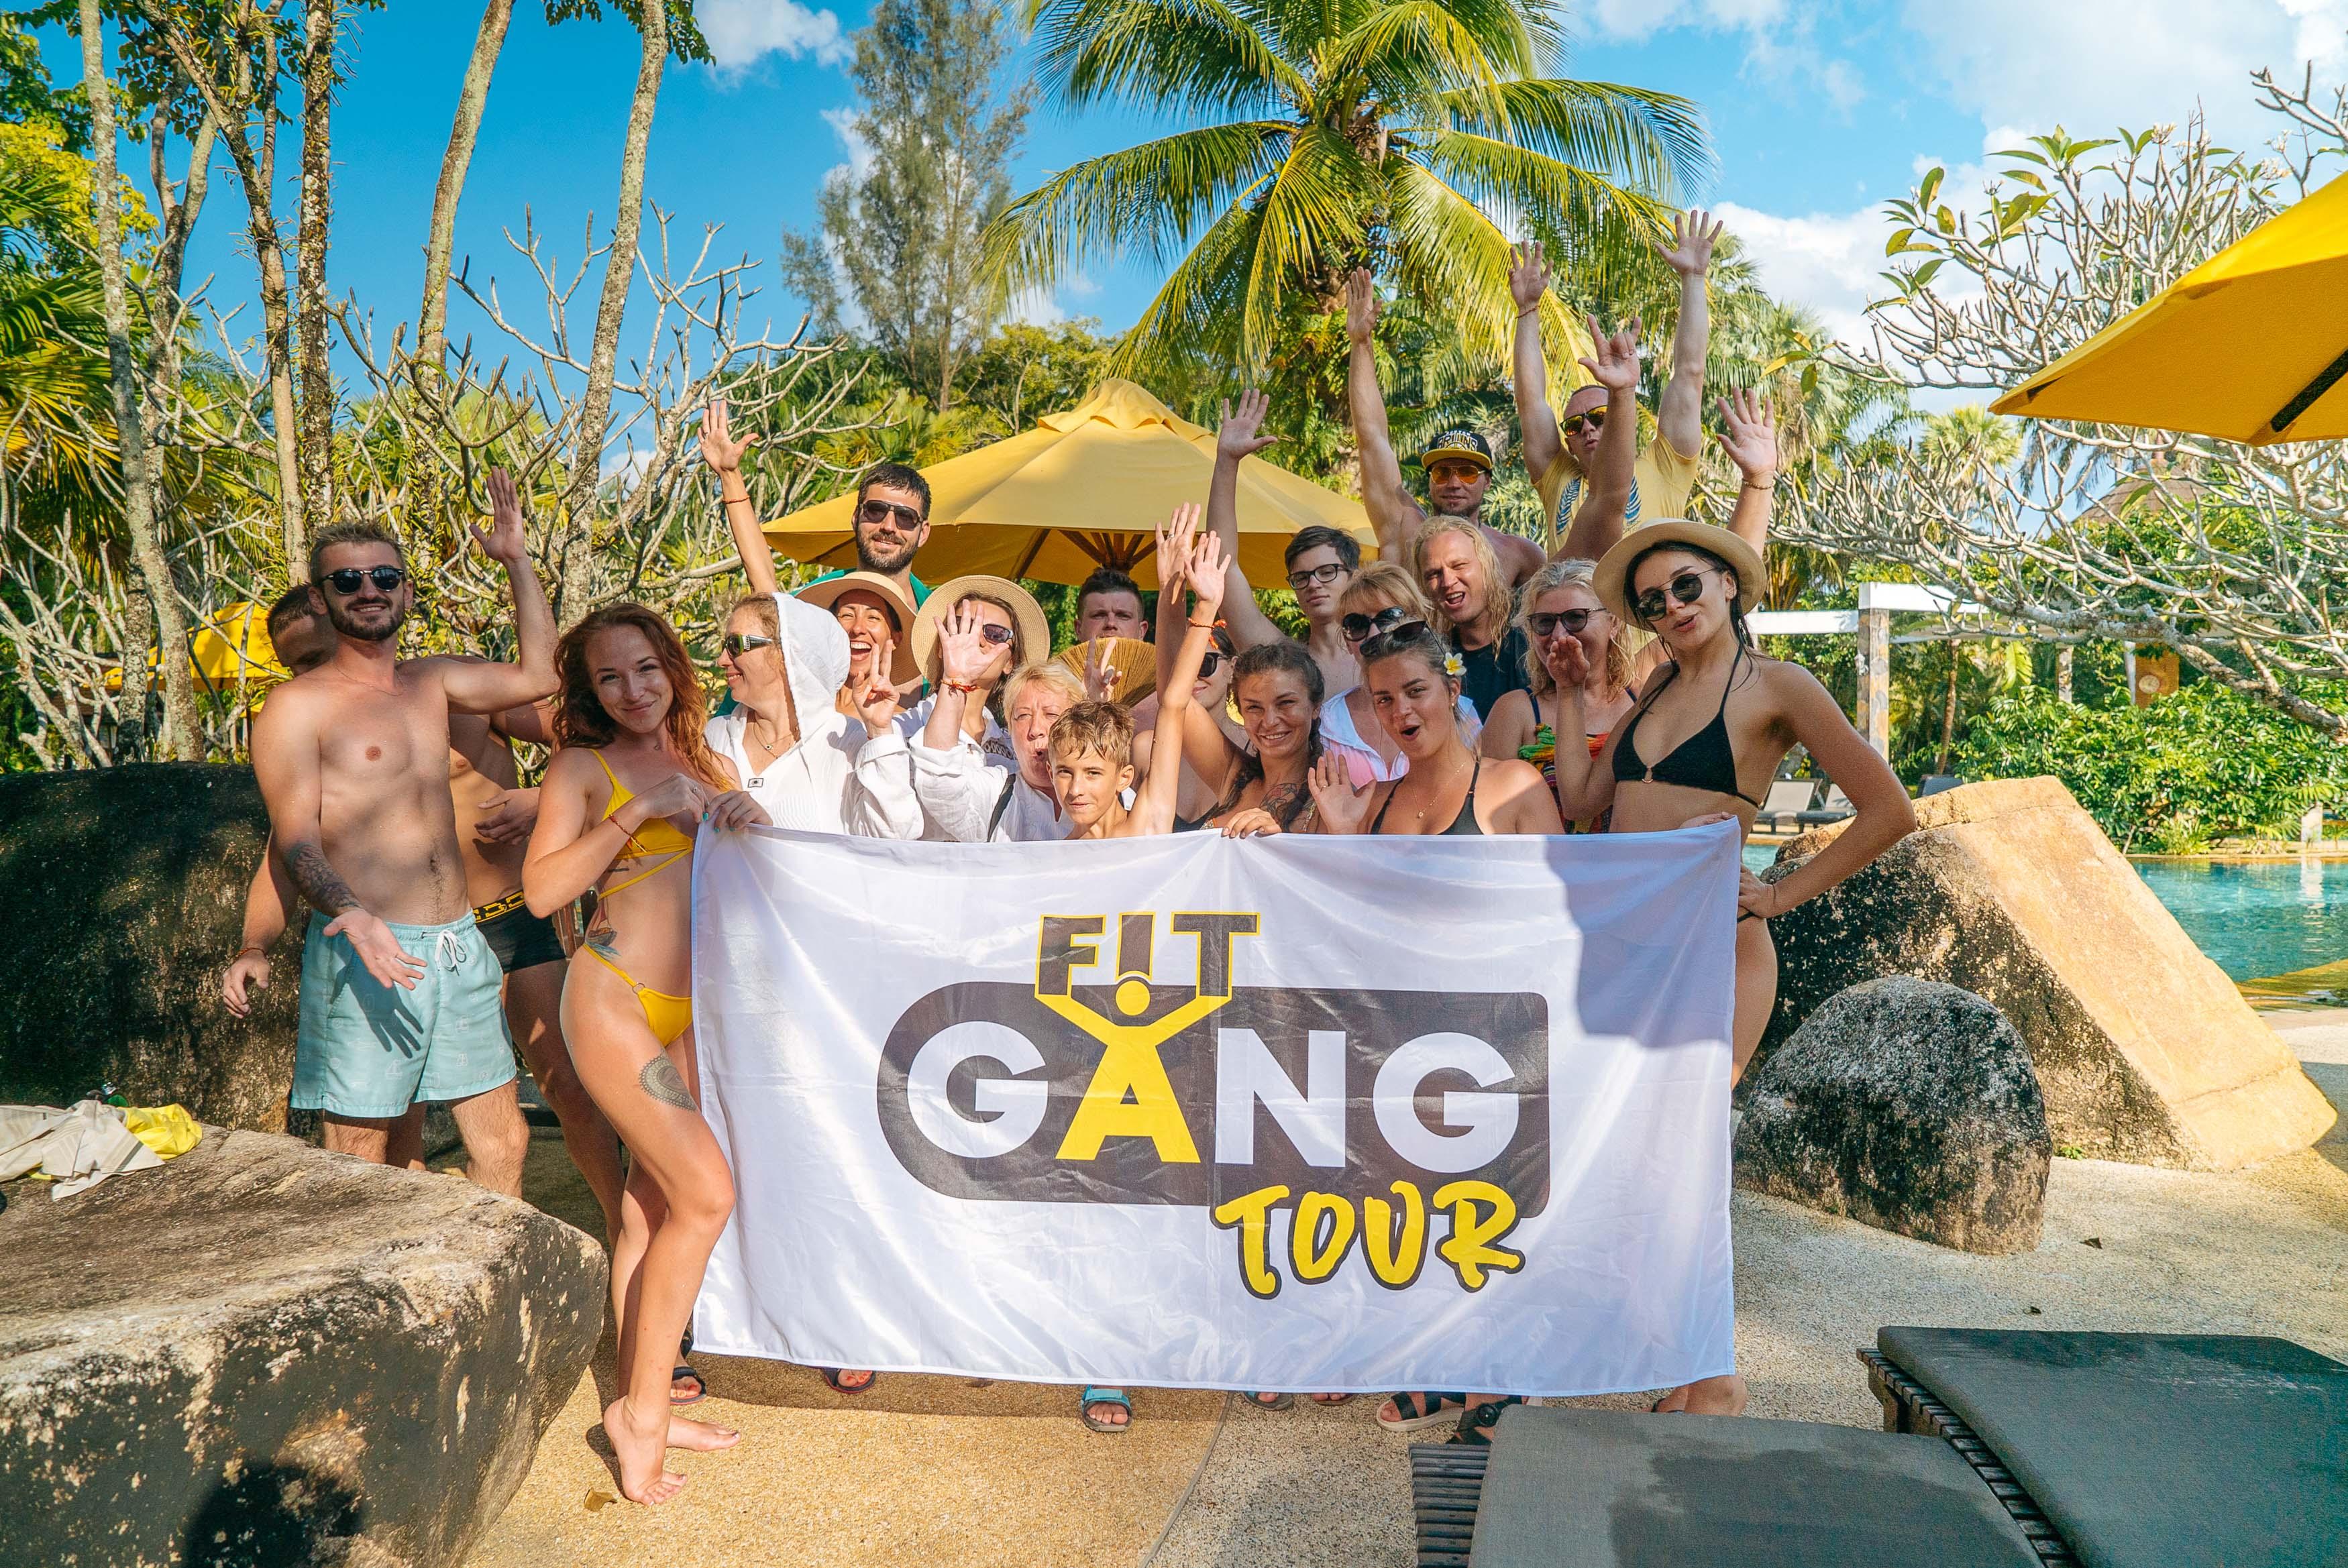 Фитнес-тур Fit Gang стартует на Пхукете 22 марта